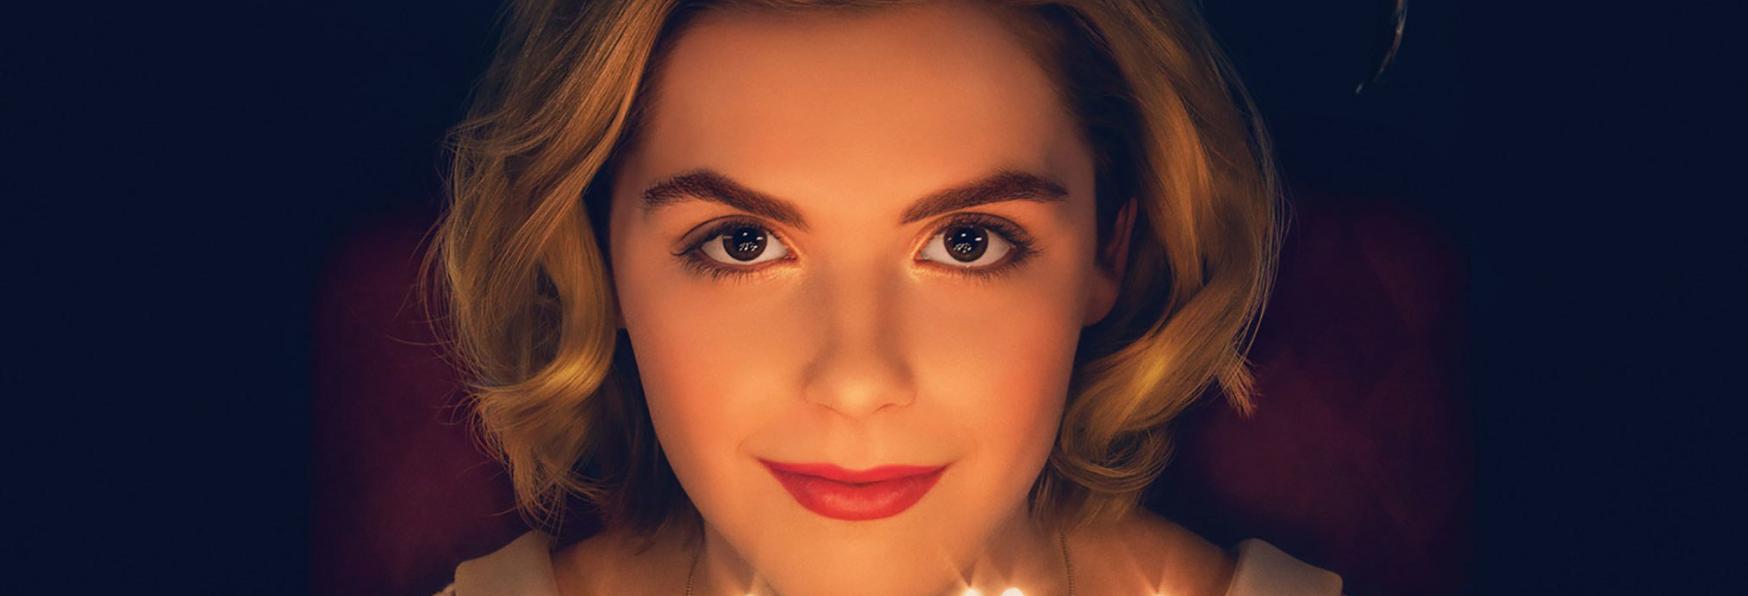 Le Terrificanti Avventure di Sabrina (Parte 3) - Trama, Cast, Anticipazioni e tutte le altre Informazioni Note